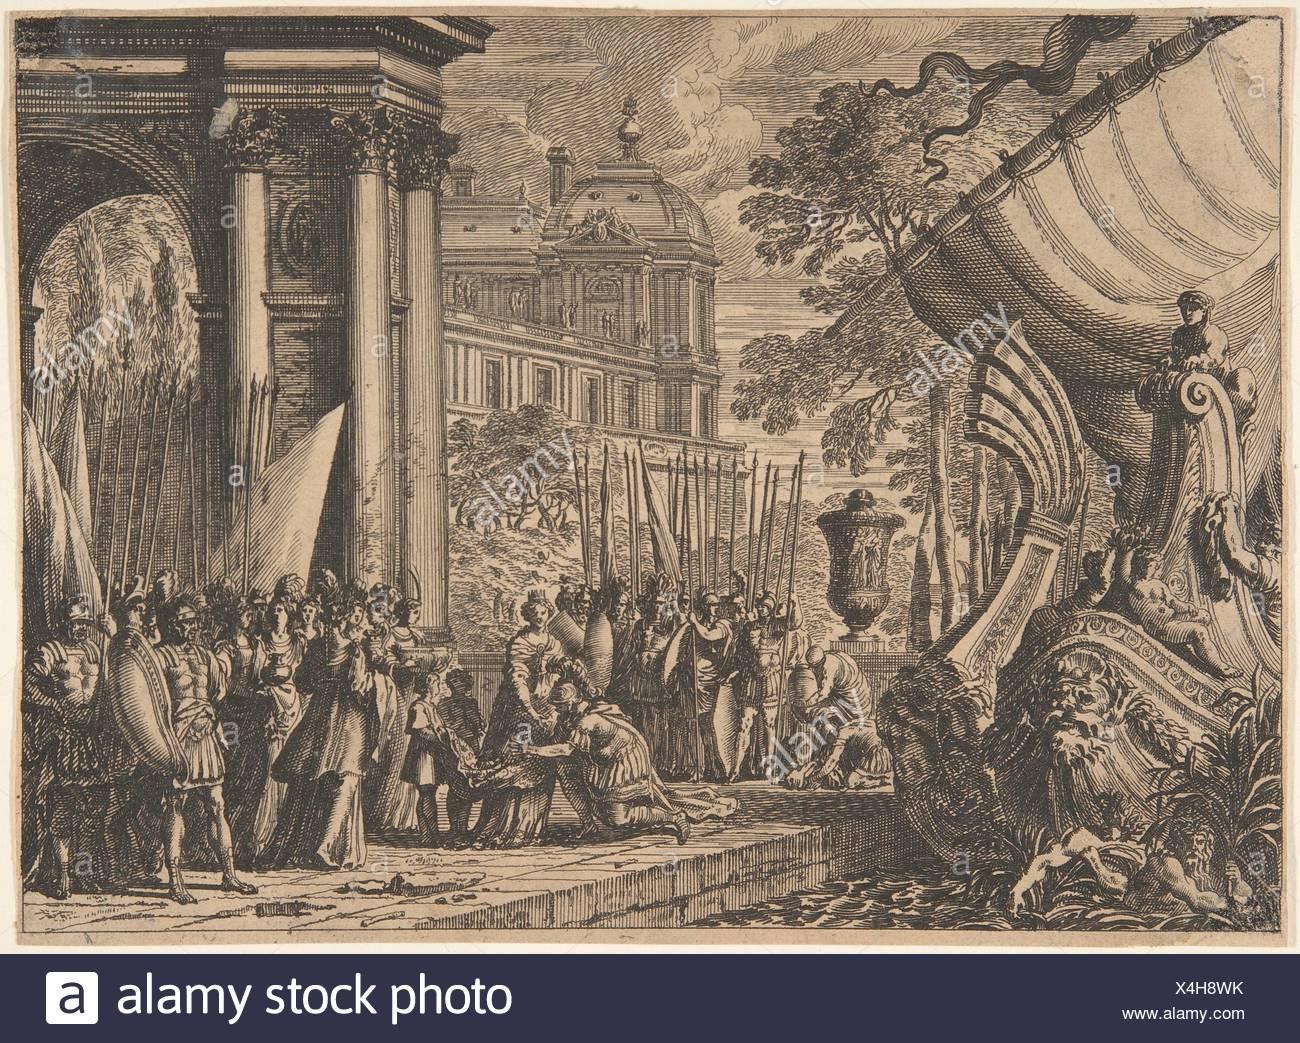 """Eneas Despedida de Dido. Artista: Jean Le Pautre (francés, París París 1618-1682); mediana: Grabado; Dimensiones: 6 1/8"""" x 8 1/4 pulg. (15,5 x 21 cm); Imagen De Stock"""